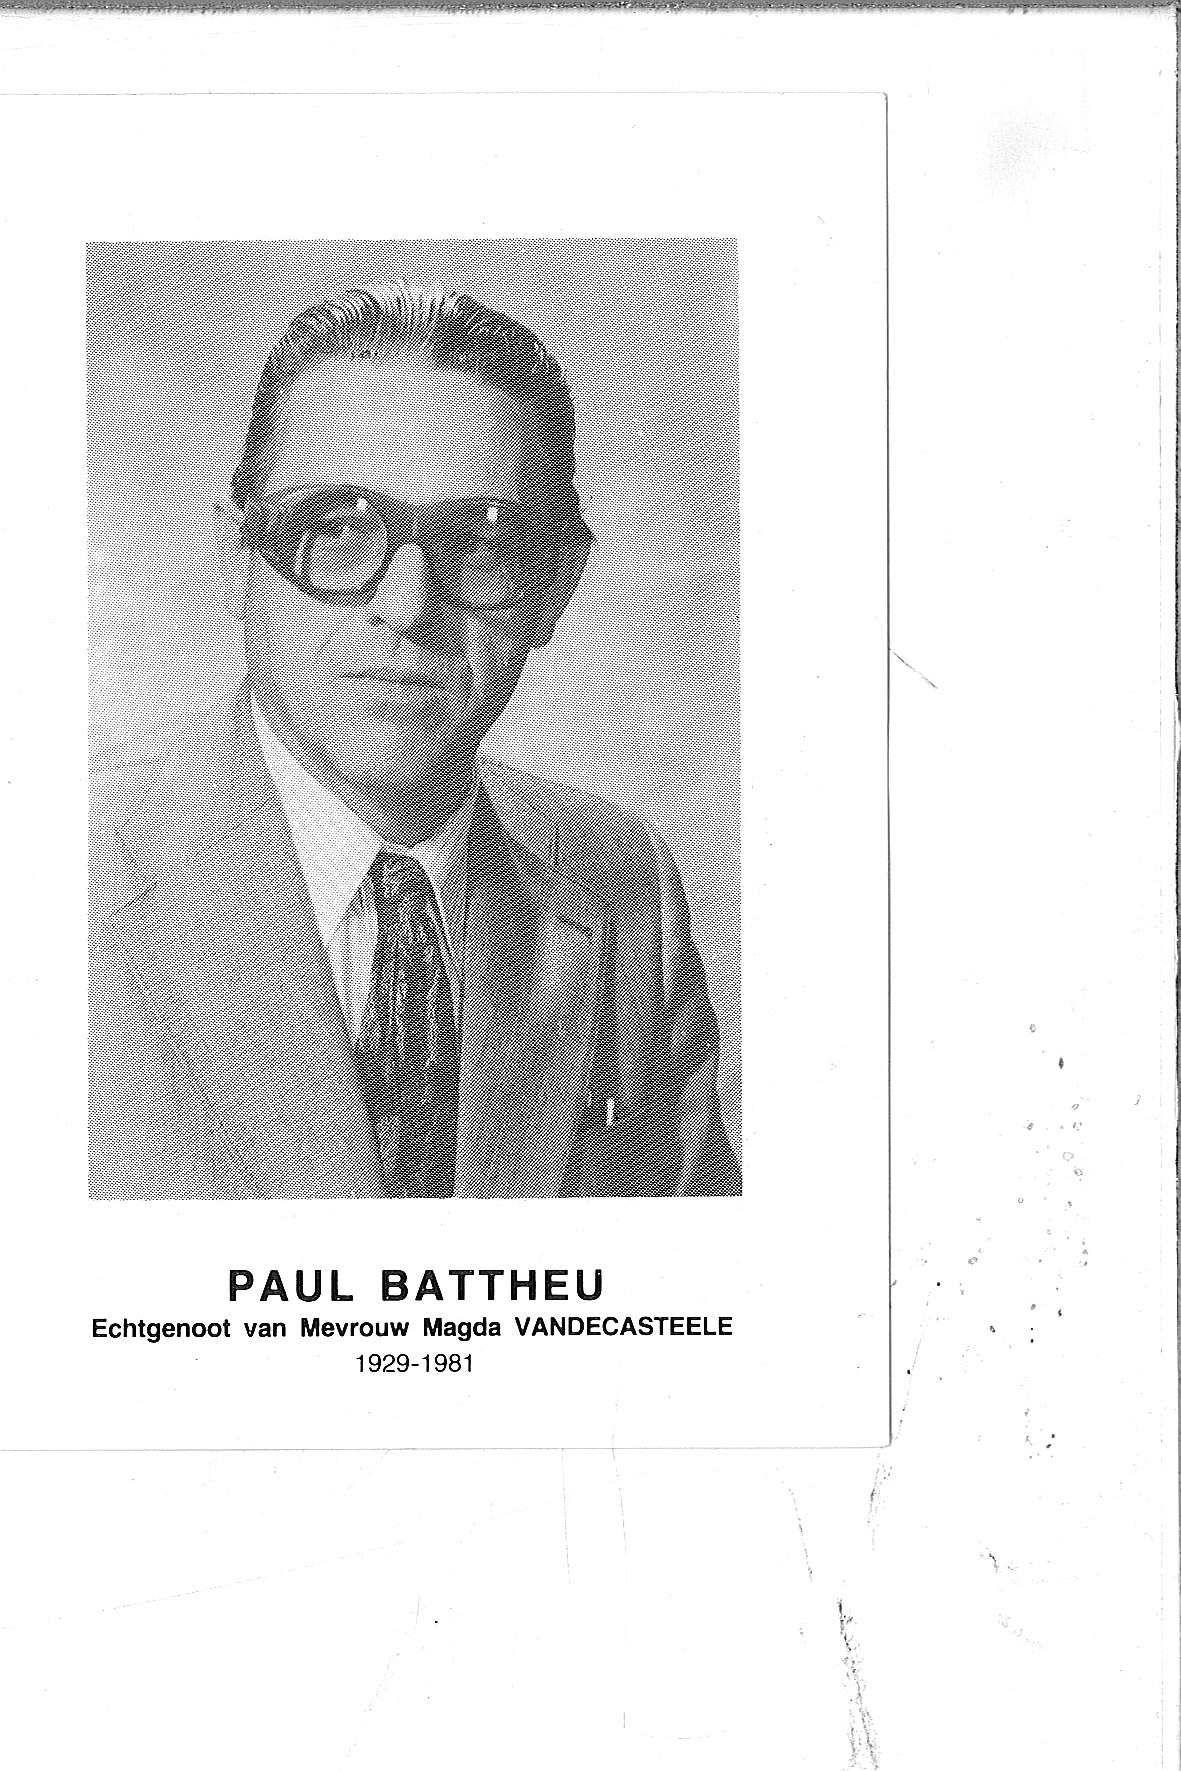 Paul(1981)20130828105443_00093.jpg